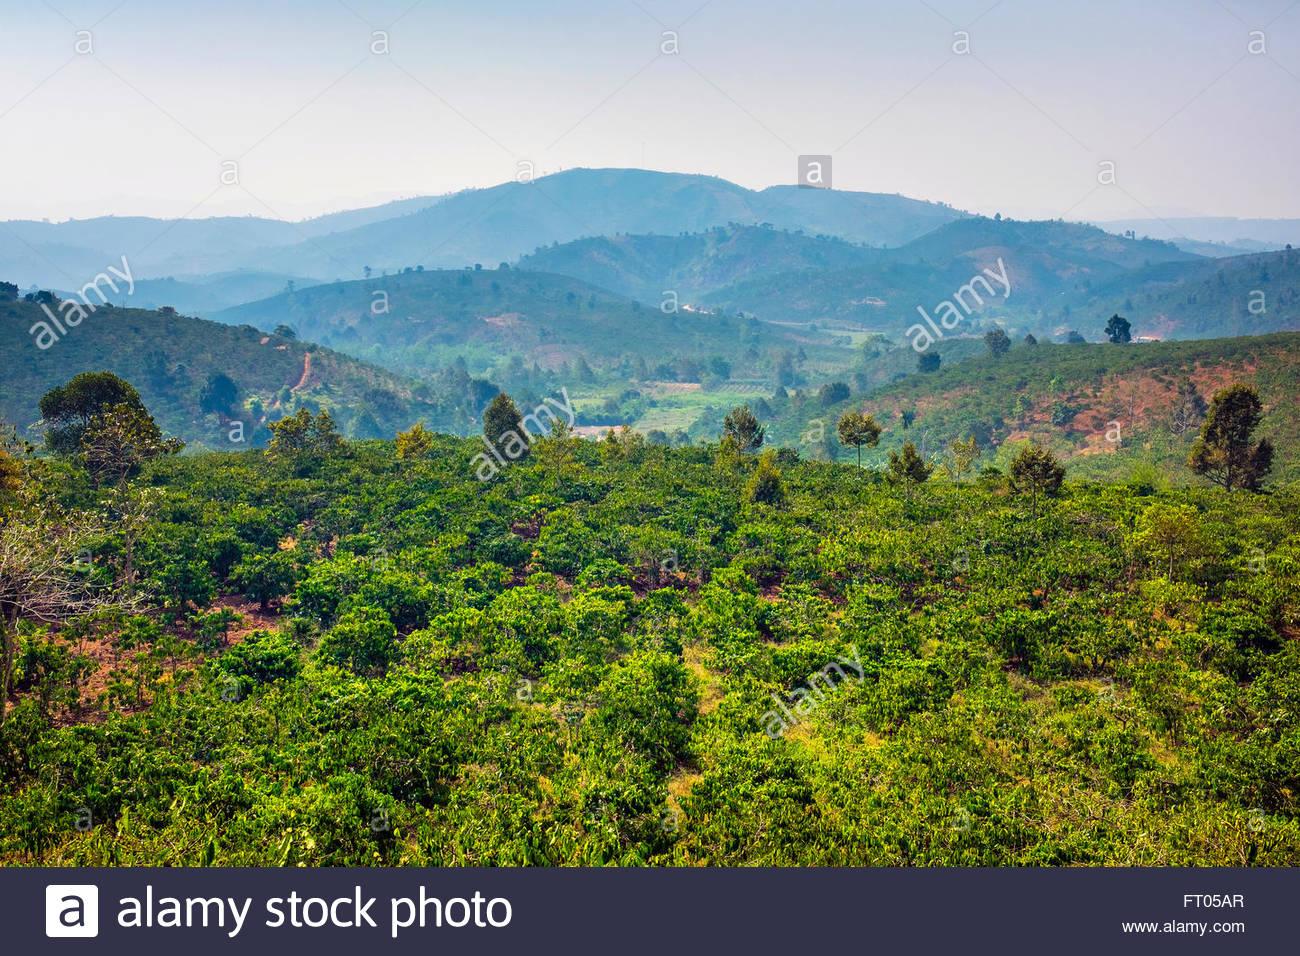 Colinas y plantaciones de café en la Altiplanicie Central, Bao Loc, provincia de Lam Dong, Vietnam Imagen De Stock